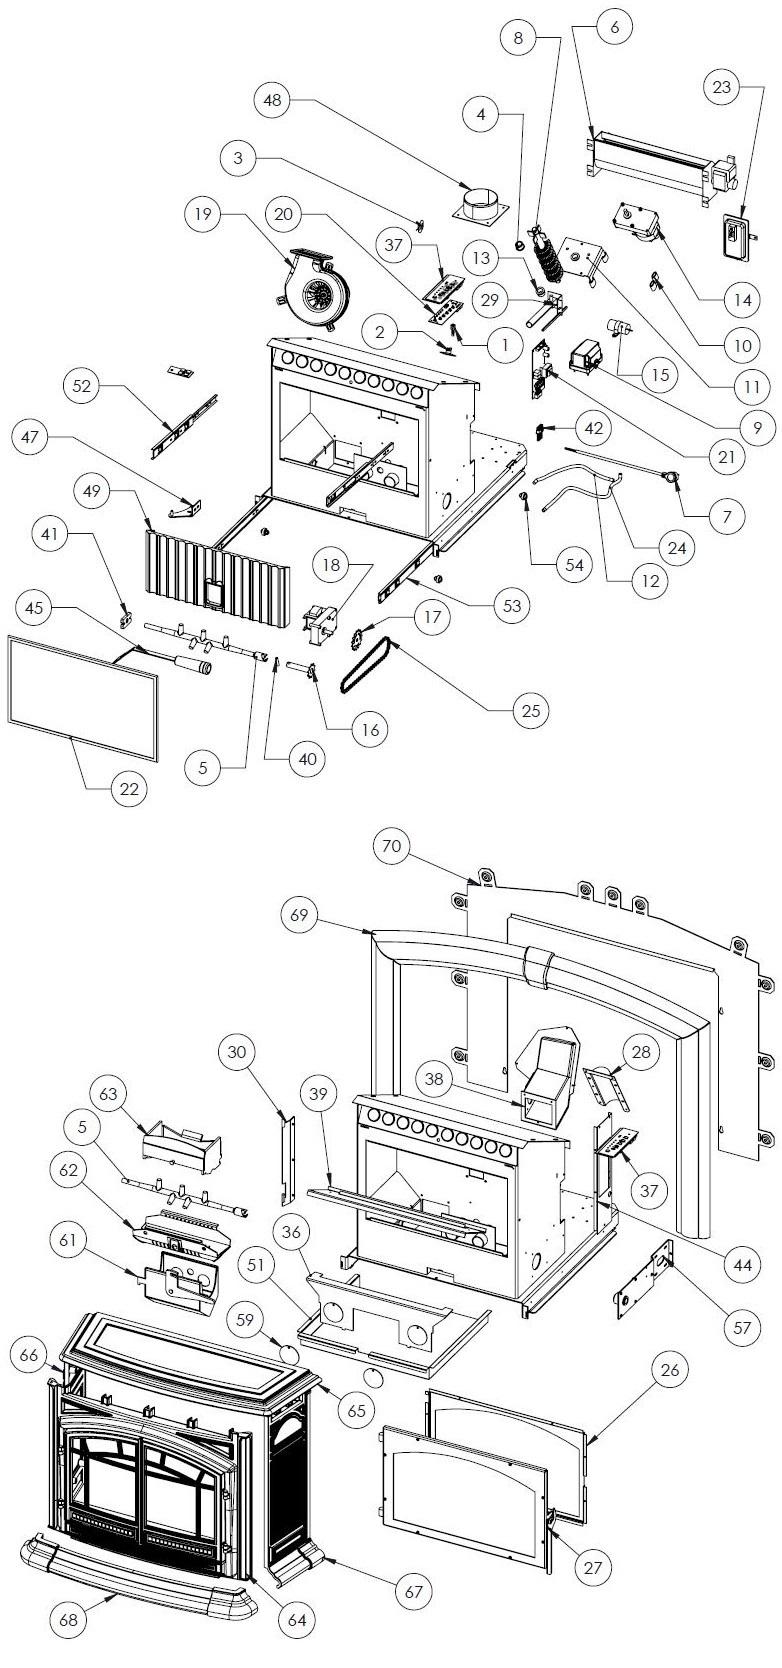 m55 wiring diagram switch diagram u2022 rh kimiss co